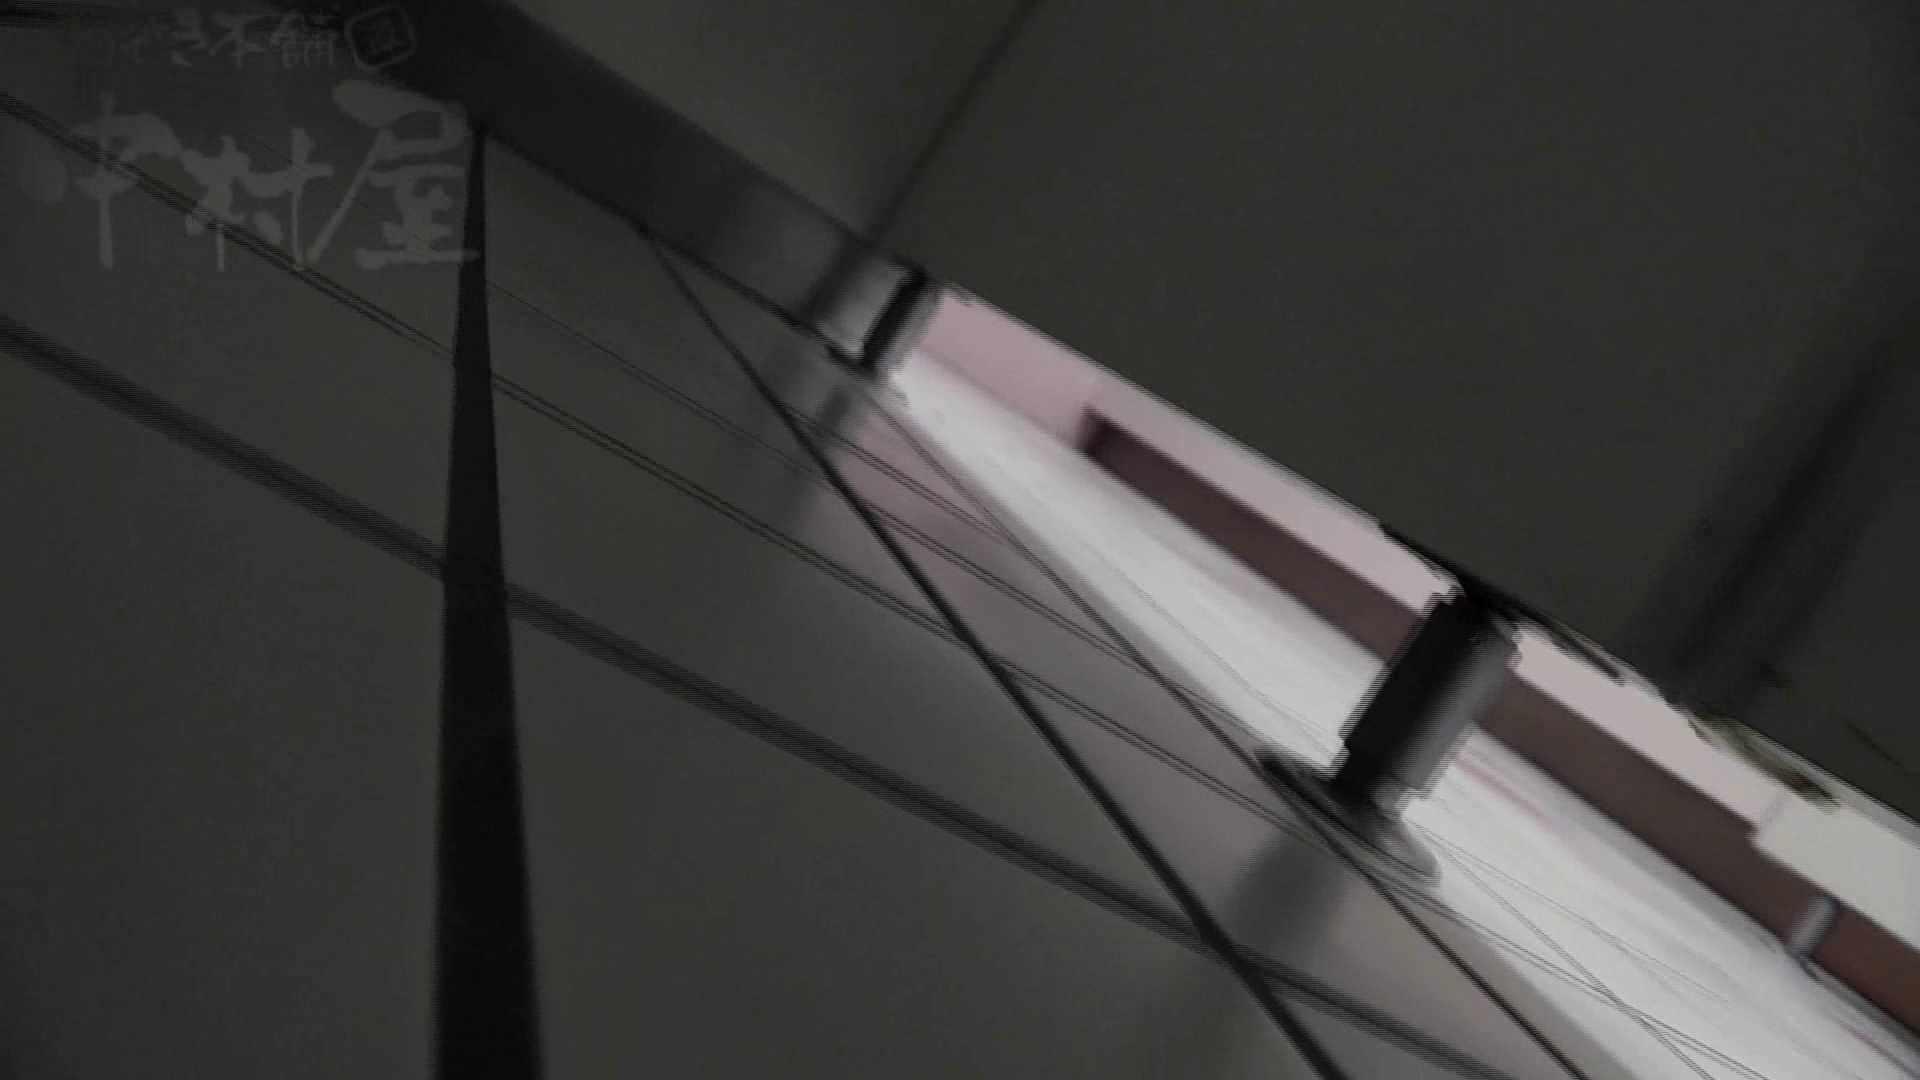 美しい日本の未来 No.22 未来進歩3 感動レベル予告のモデルつい登場か!! 0  105pic 72